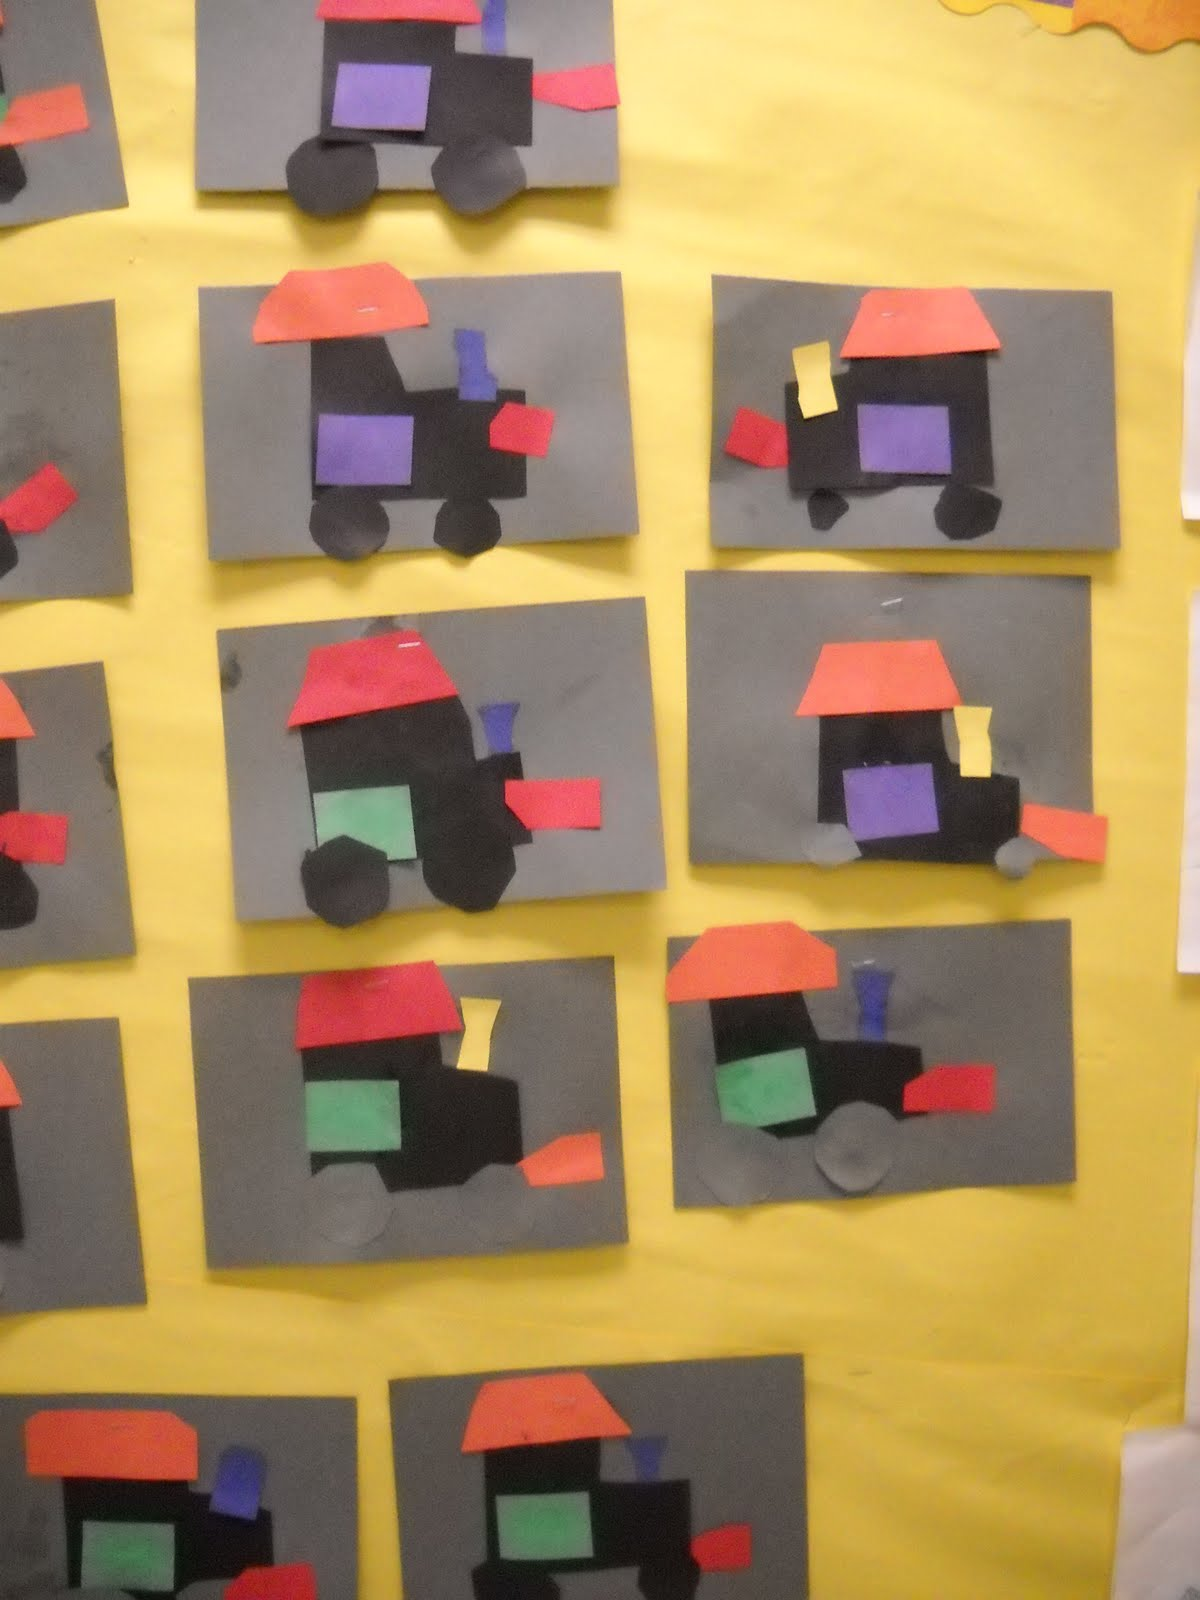 Kinder Garden: Mrs. Wood's Kindergarten Class: Polar Express Day